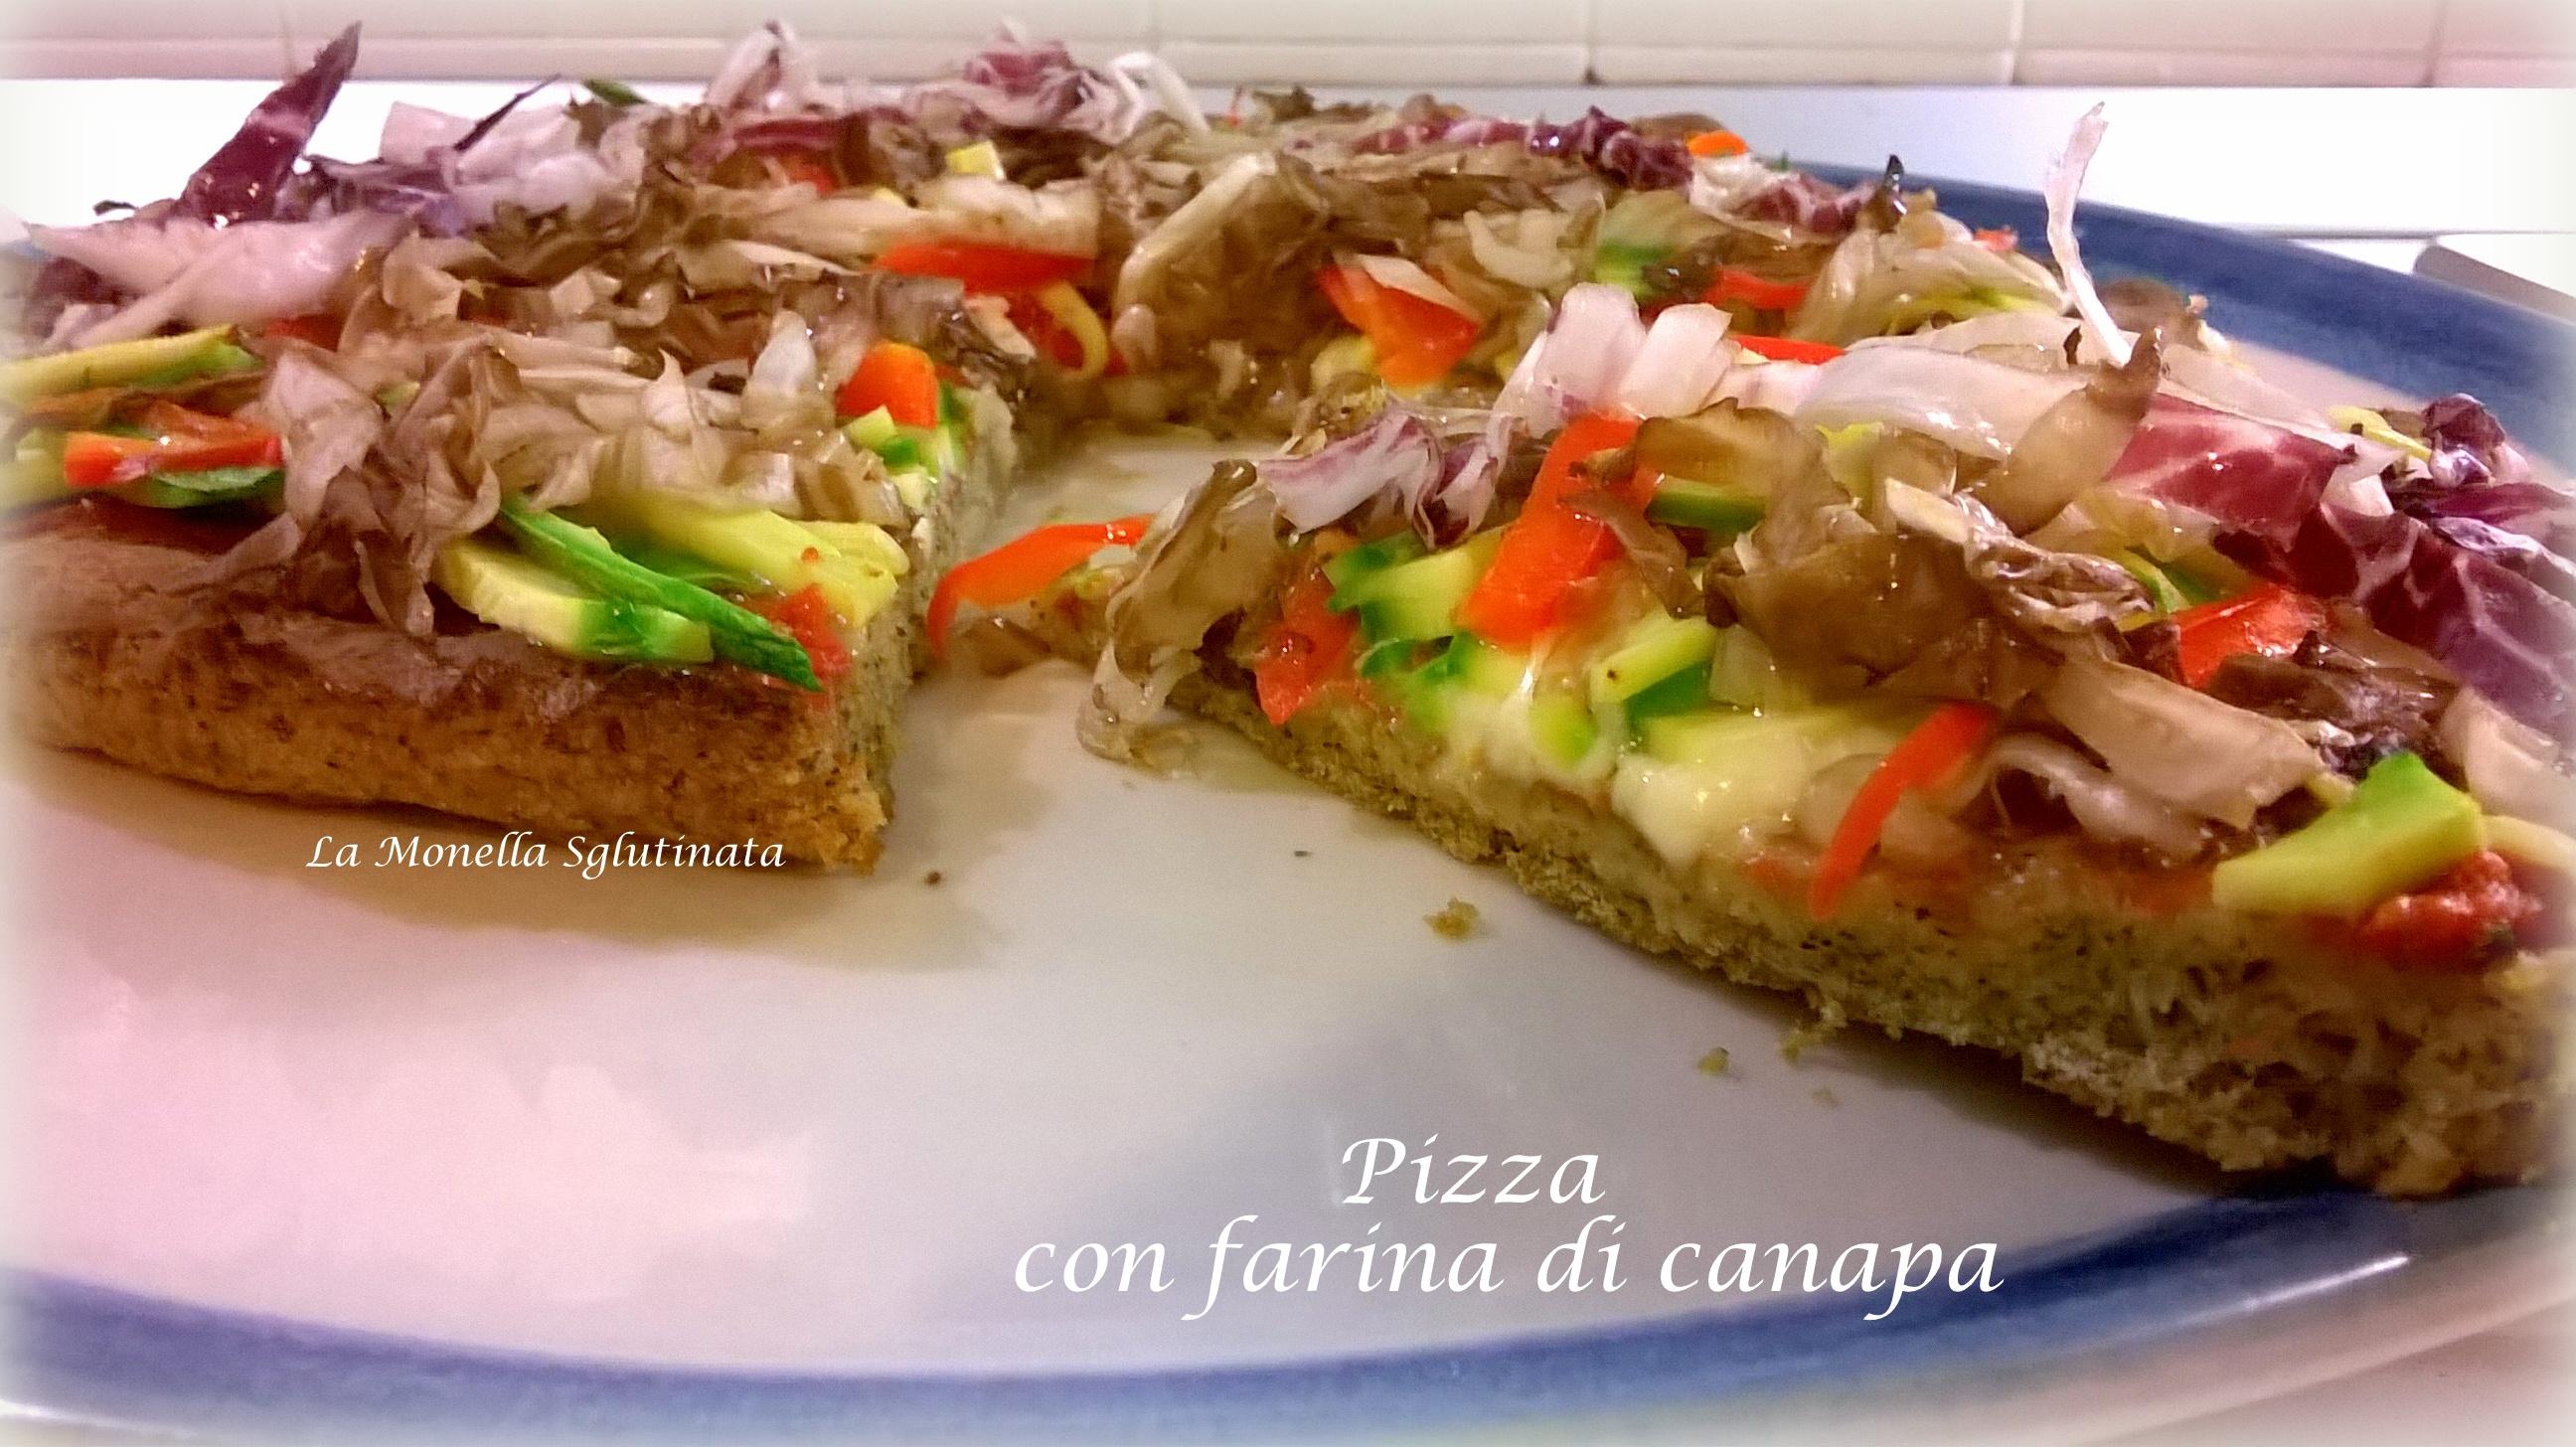 Pizza con verdure croccanti con farina di canapa